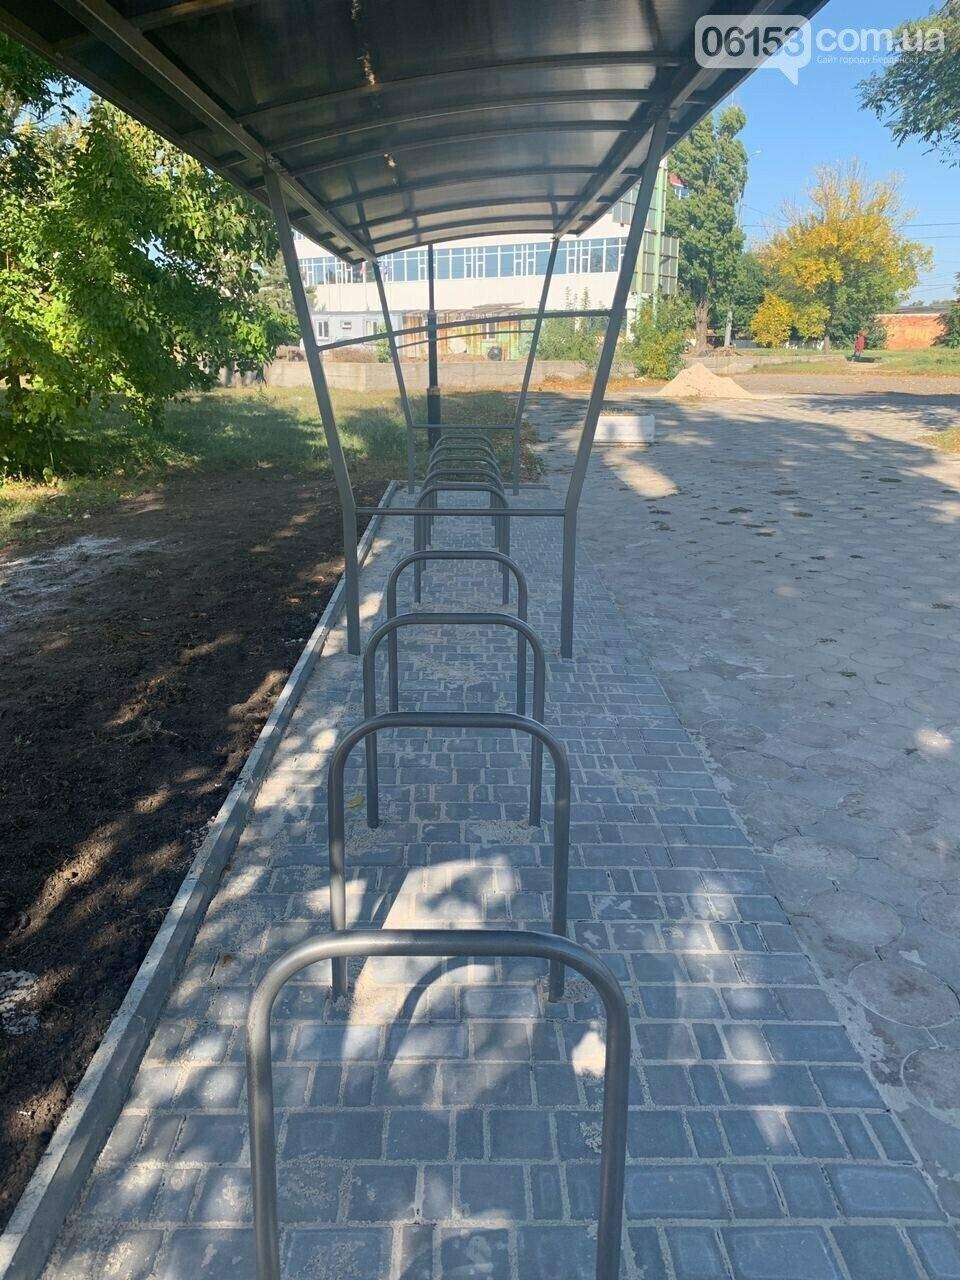 Утверждена Концепция развития велосипедной инфраструктуры Бердянской ОТГ, фото-2